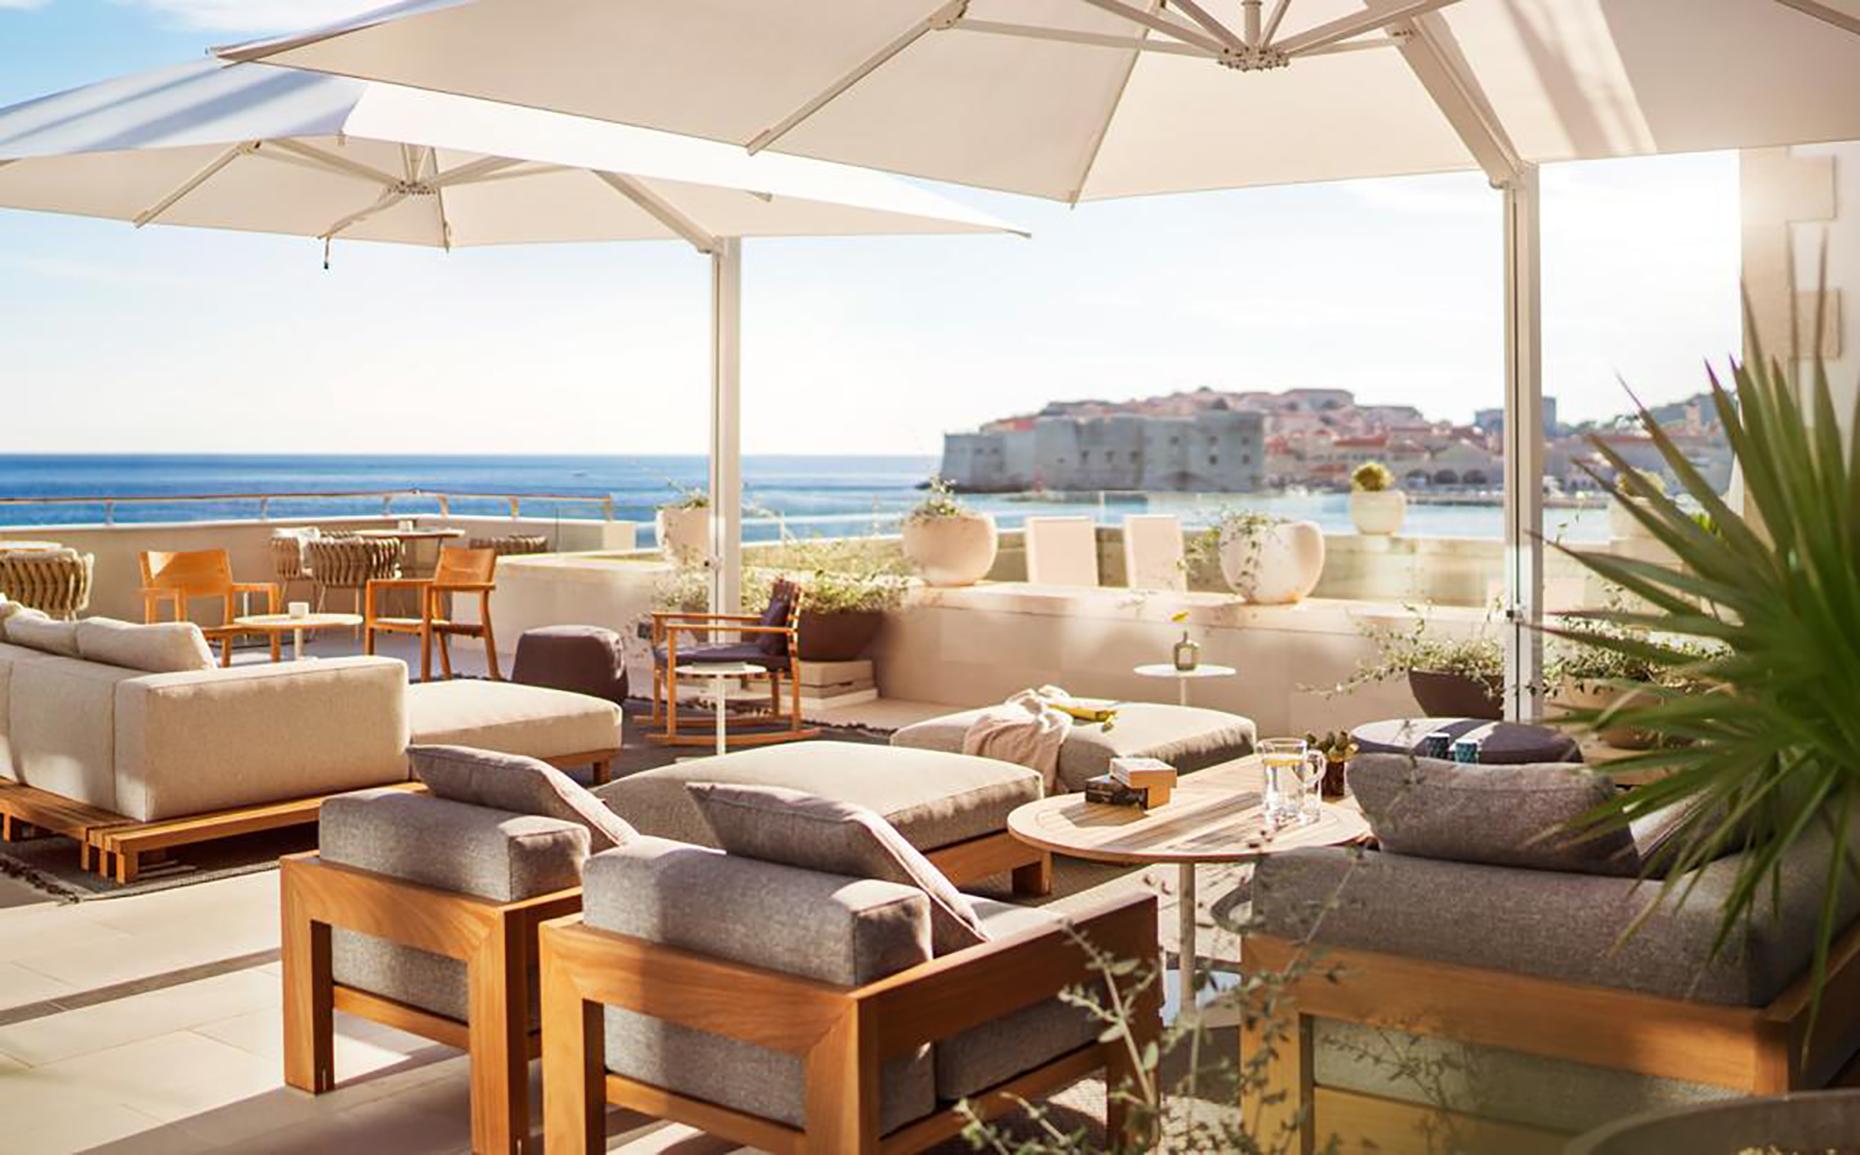 Hotel Excelsior Dubrovnik (Image: Hotel Excelsior Dubrovnik/booking.com)